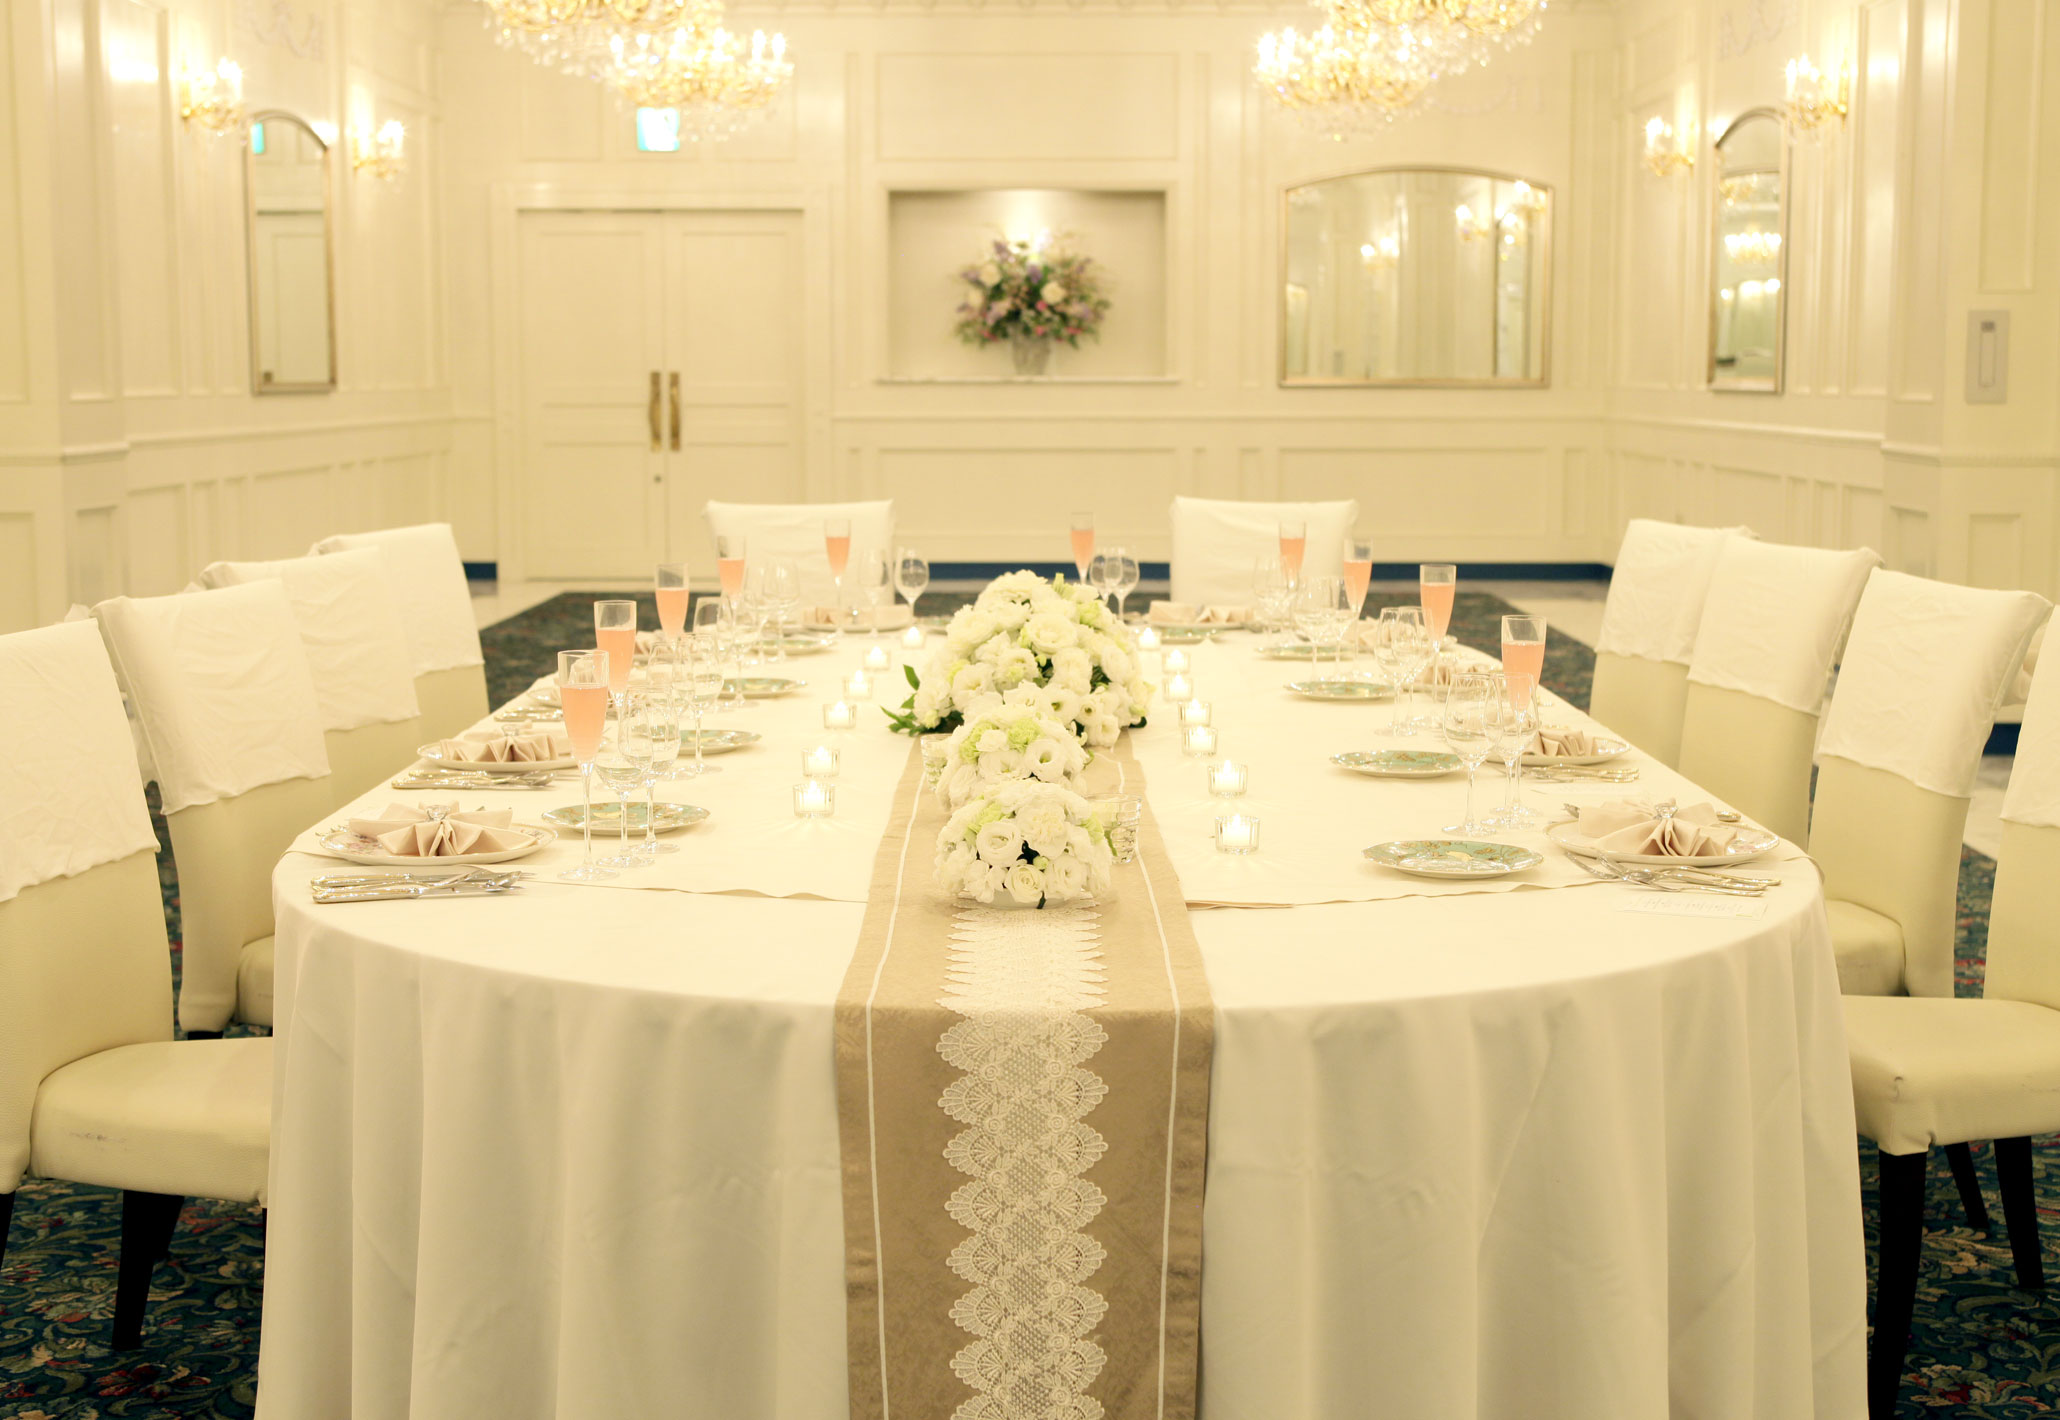 白やアイボリーを基調としたテーブルコーディネートはご両家顔合わせやお食事会におすすめ   愛媛県西条市の結婚式場ベルフォーレ西条